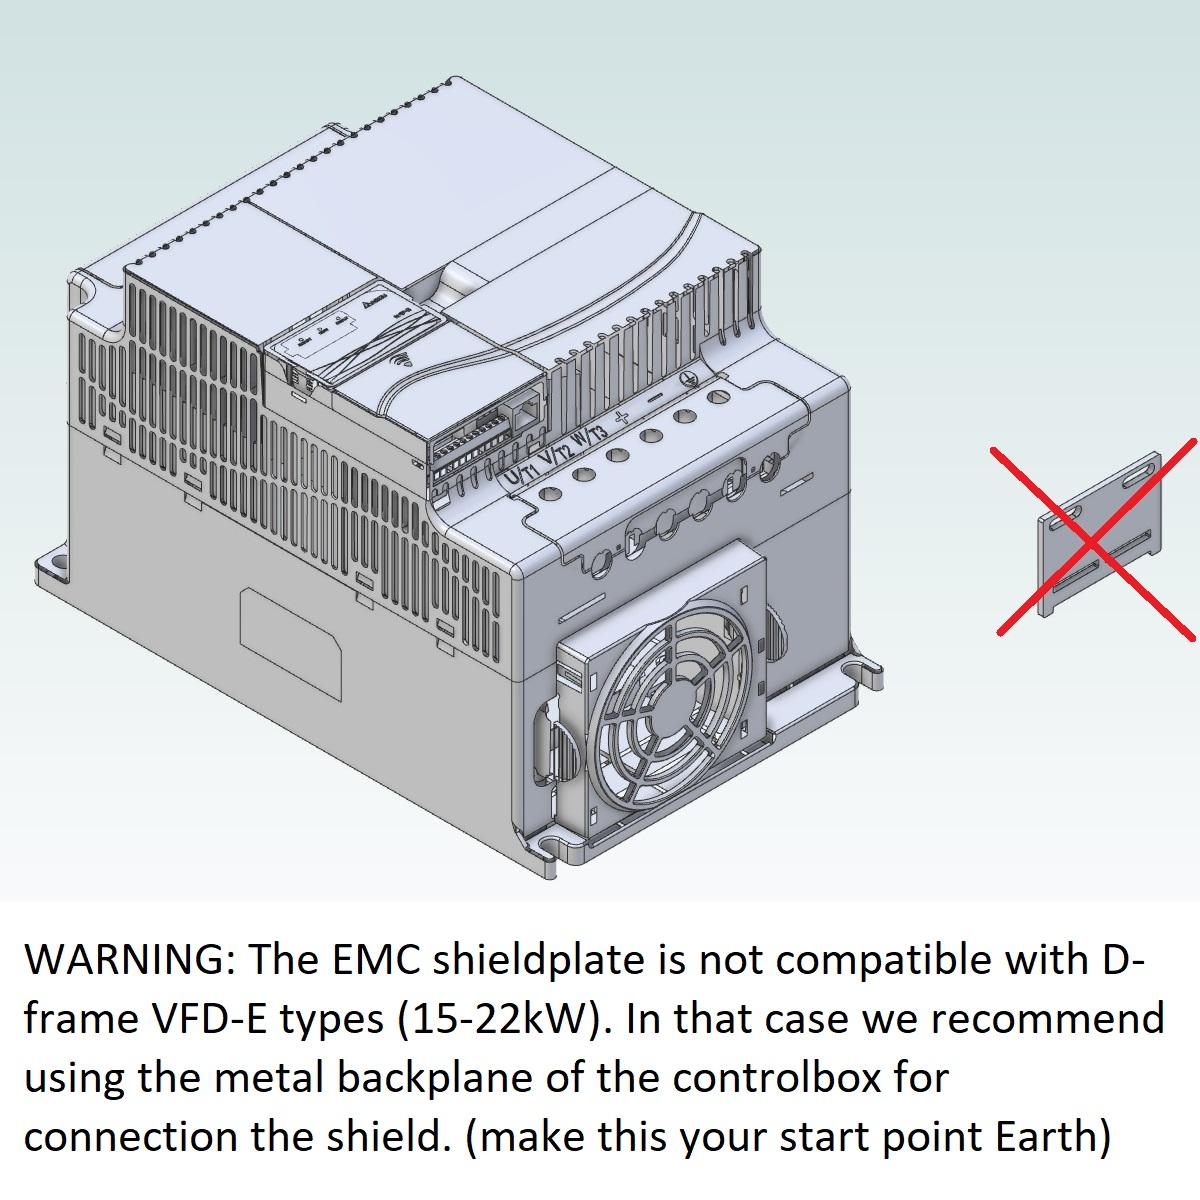 52095 emc shield plate for delta vfde frame abc frame d warning